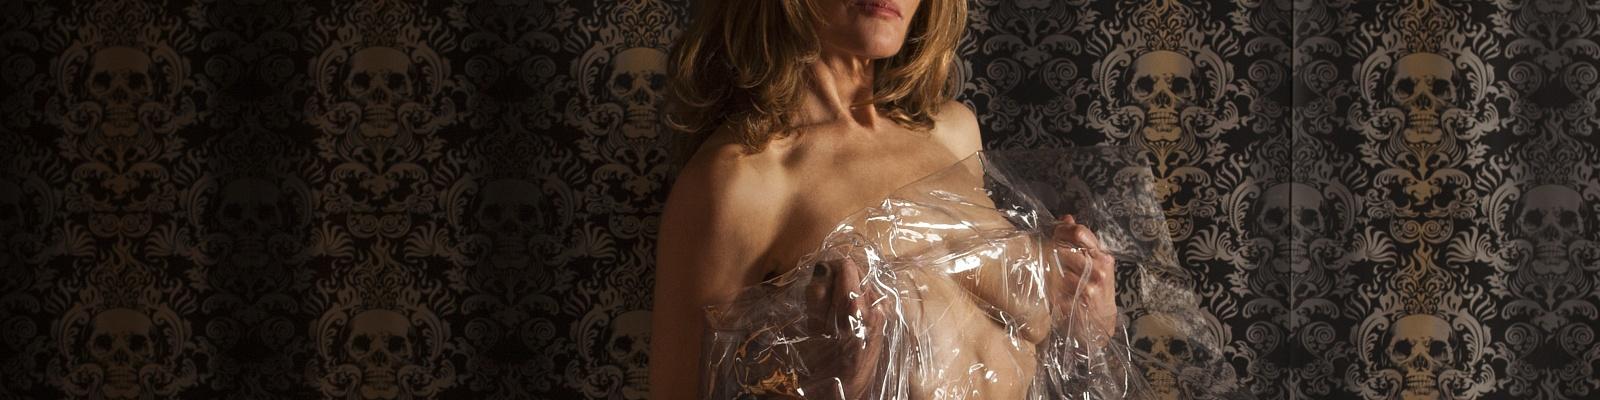 Danielle Delora's Cover Photo